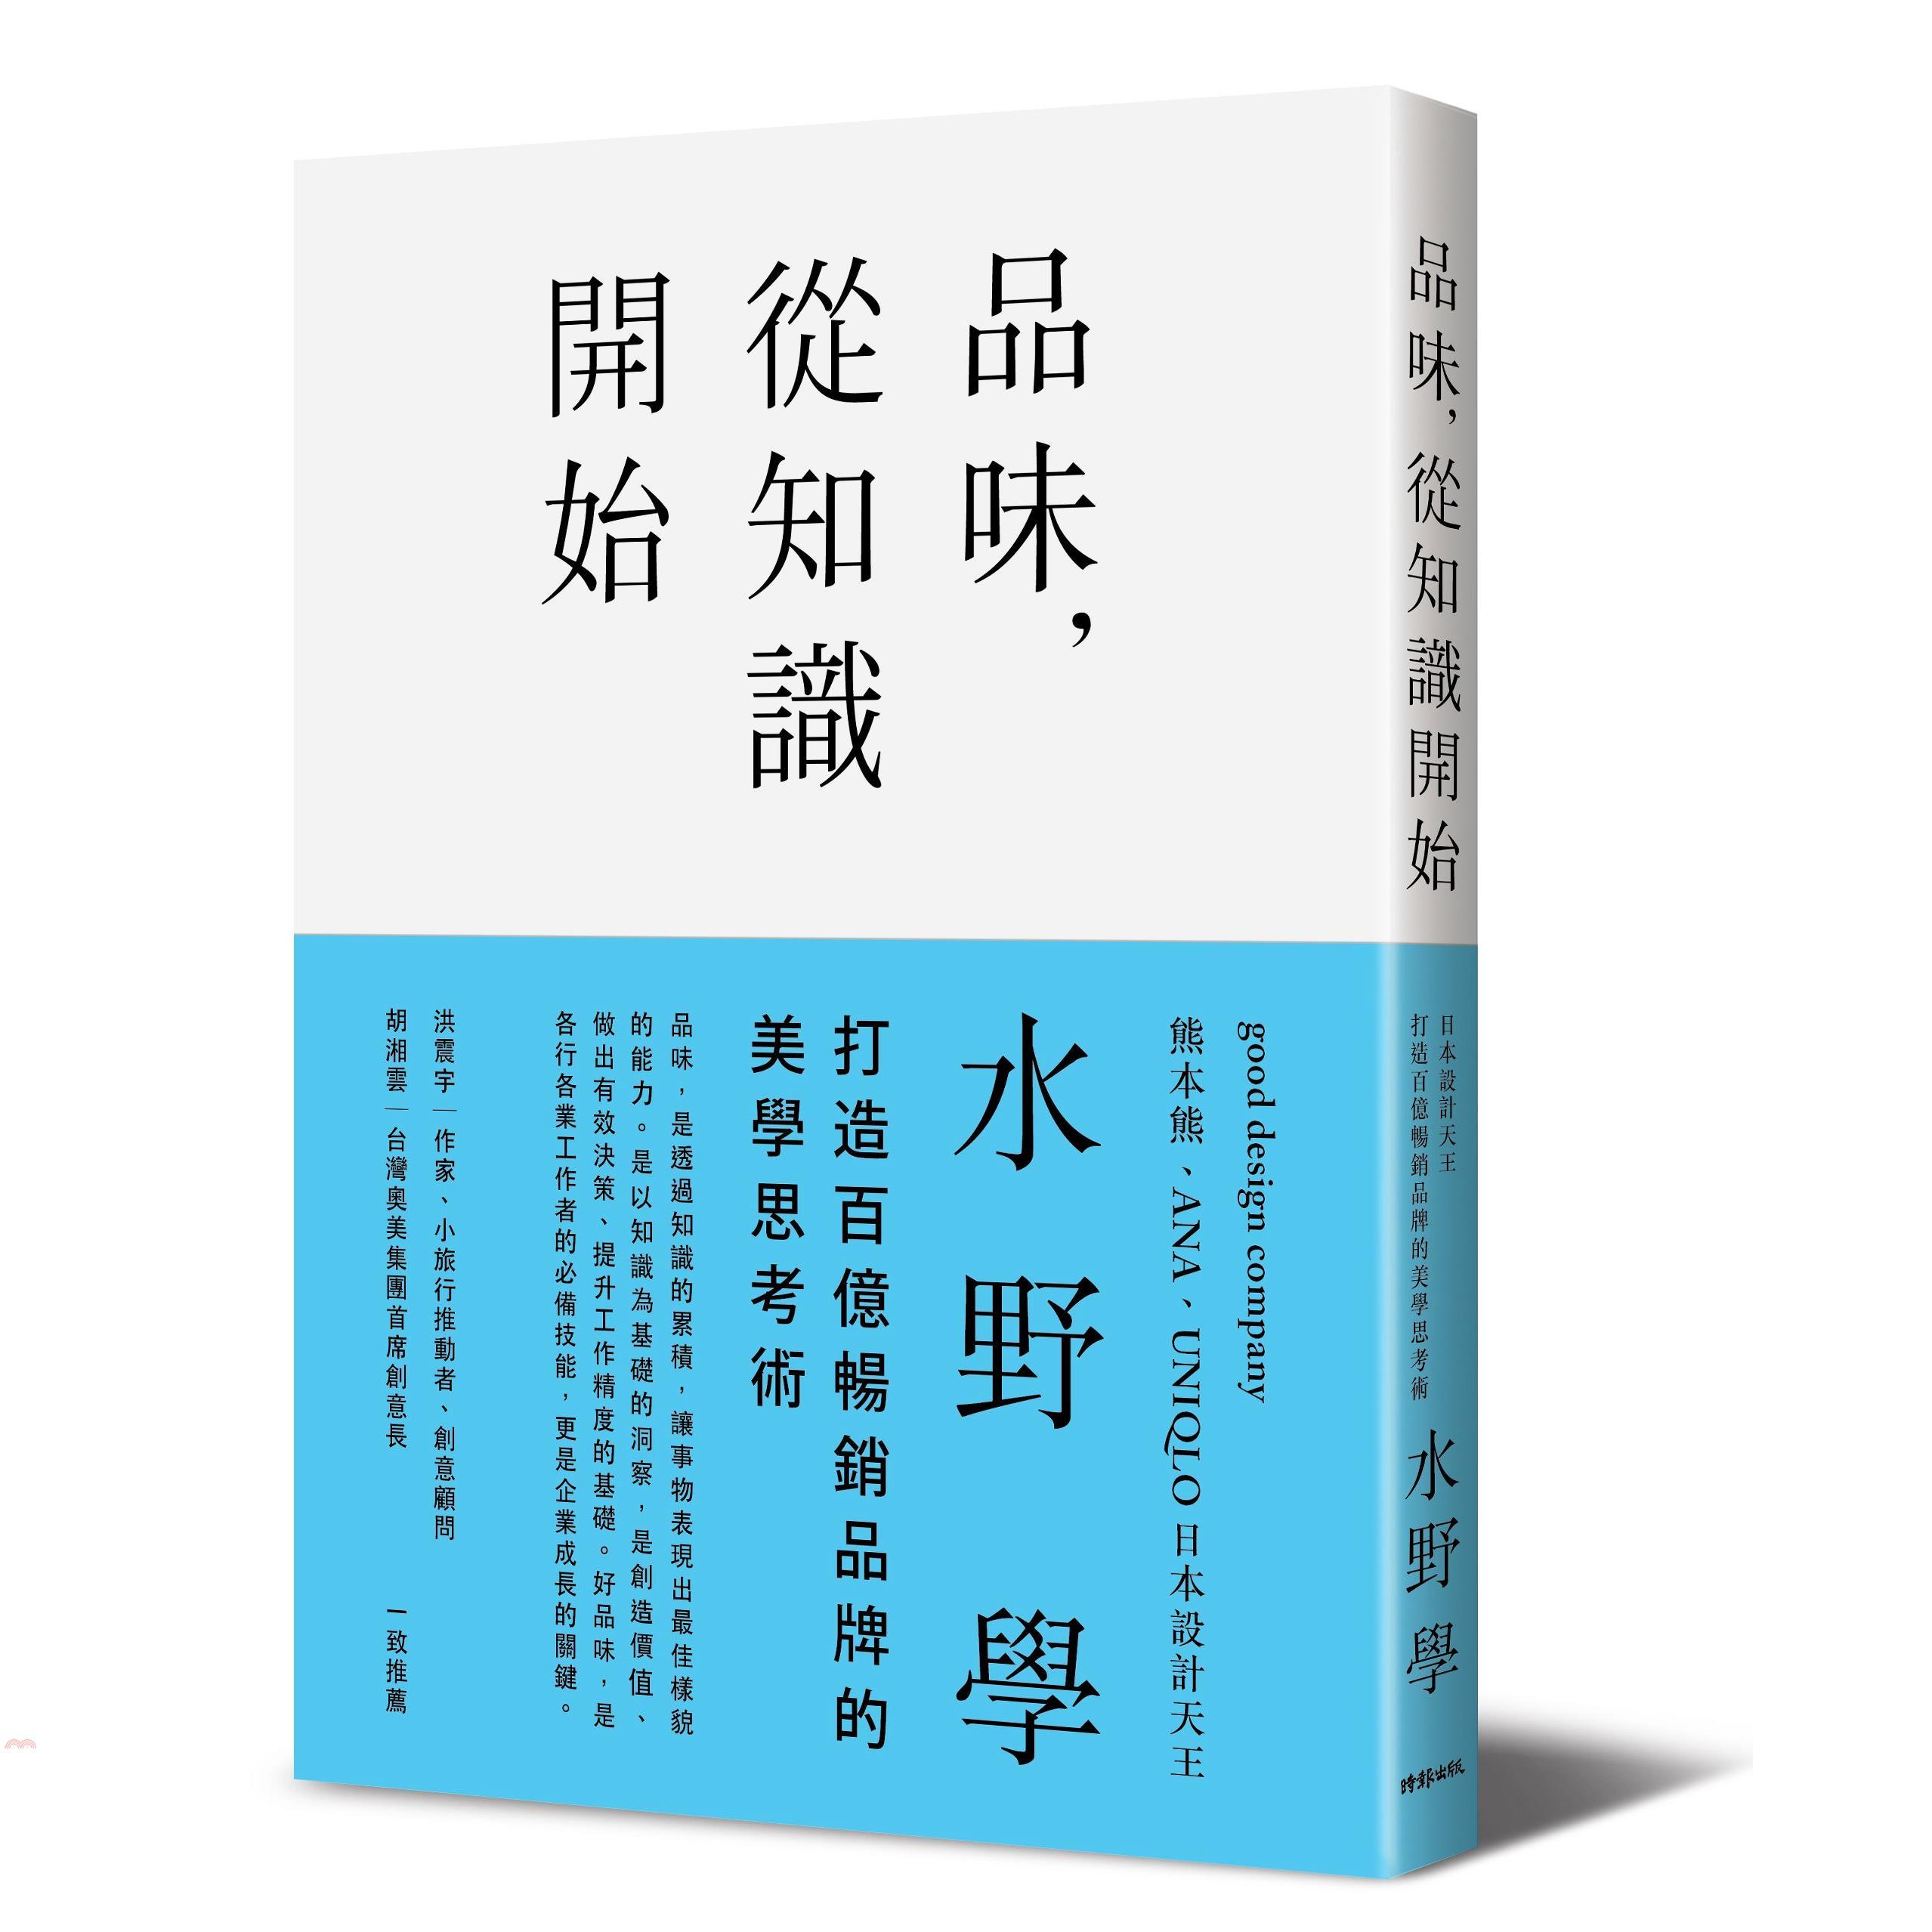 《時報文化》品味,從知識開始:日本設計天王打造百億暢銷品牌的美學思考術[79折]